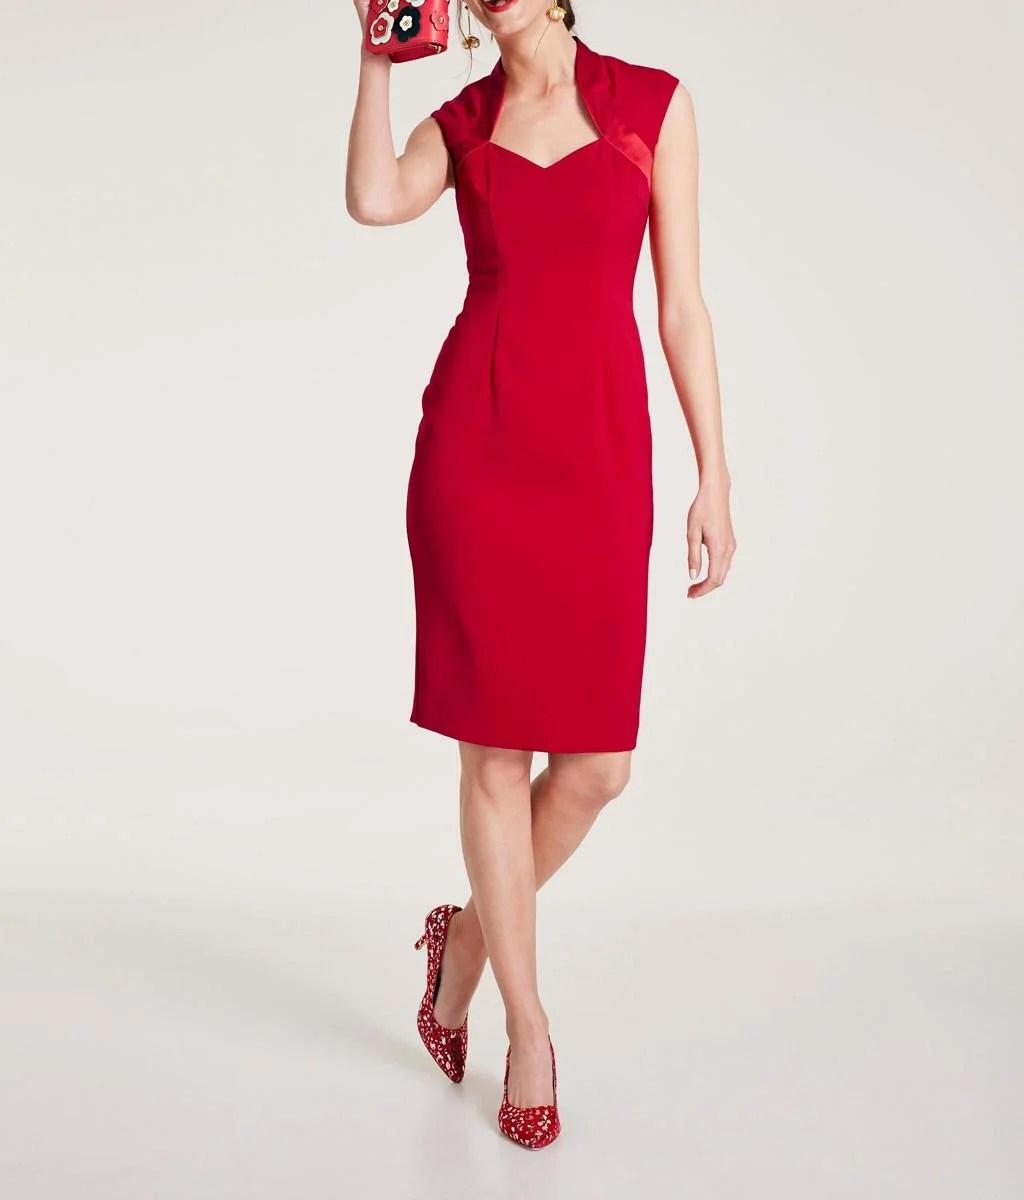 672.506 HEINE Damen Designer-Etuikleid Rot